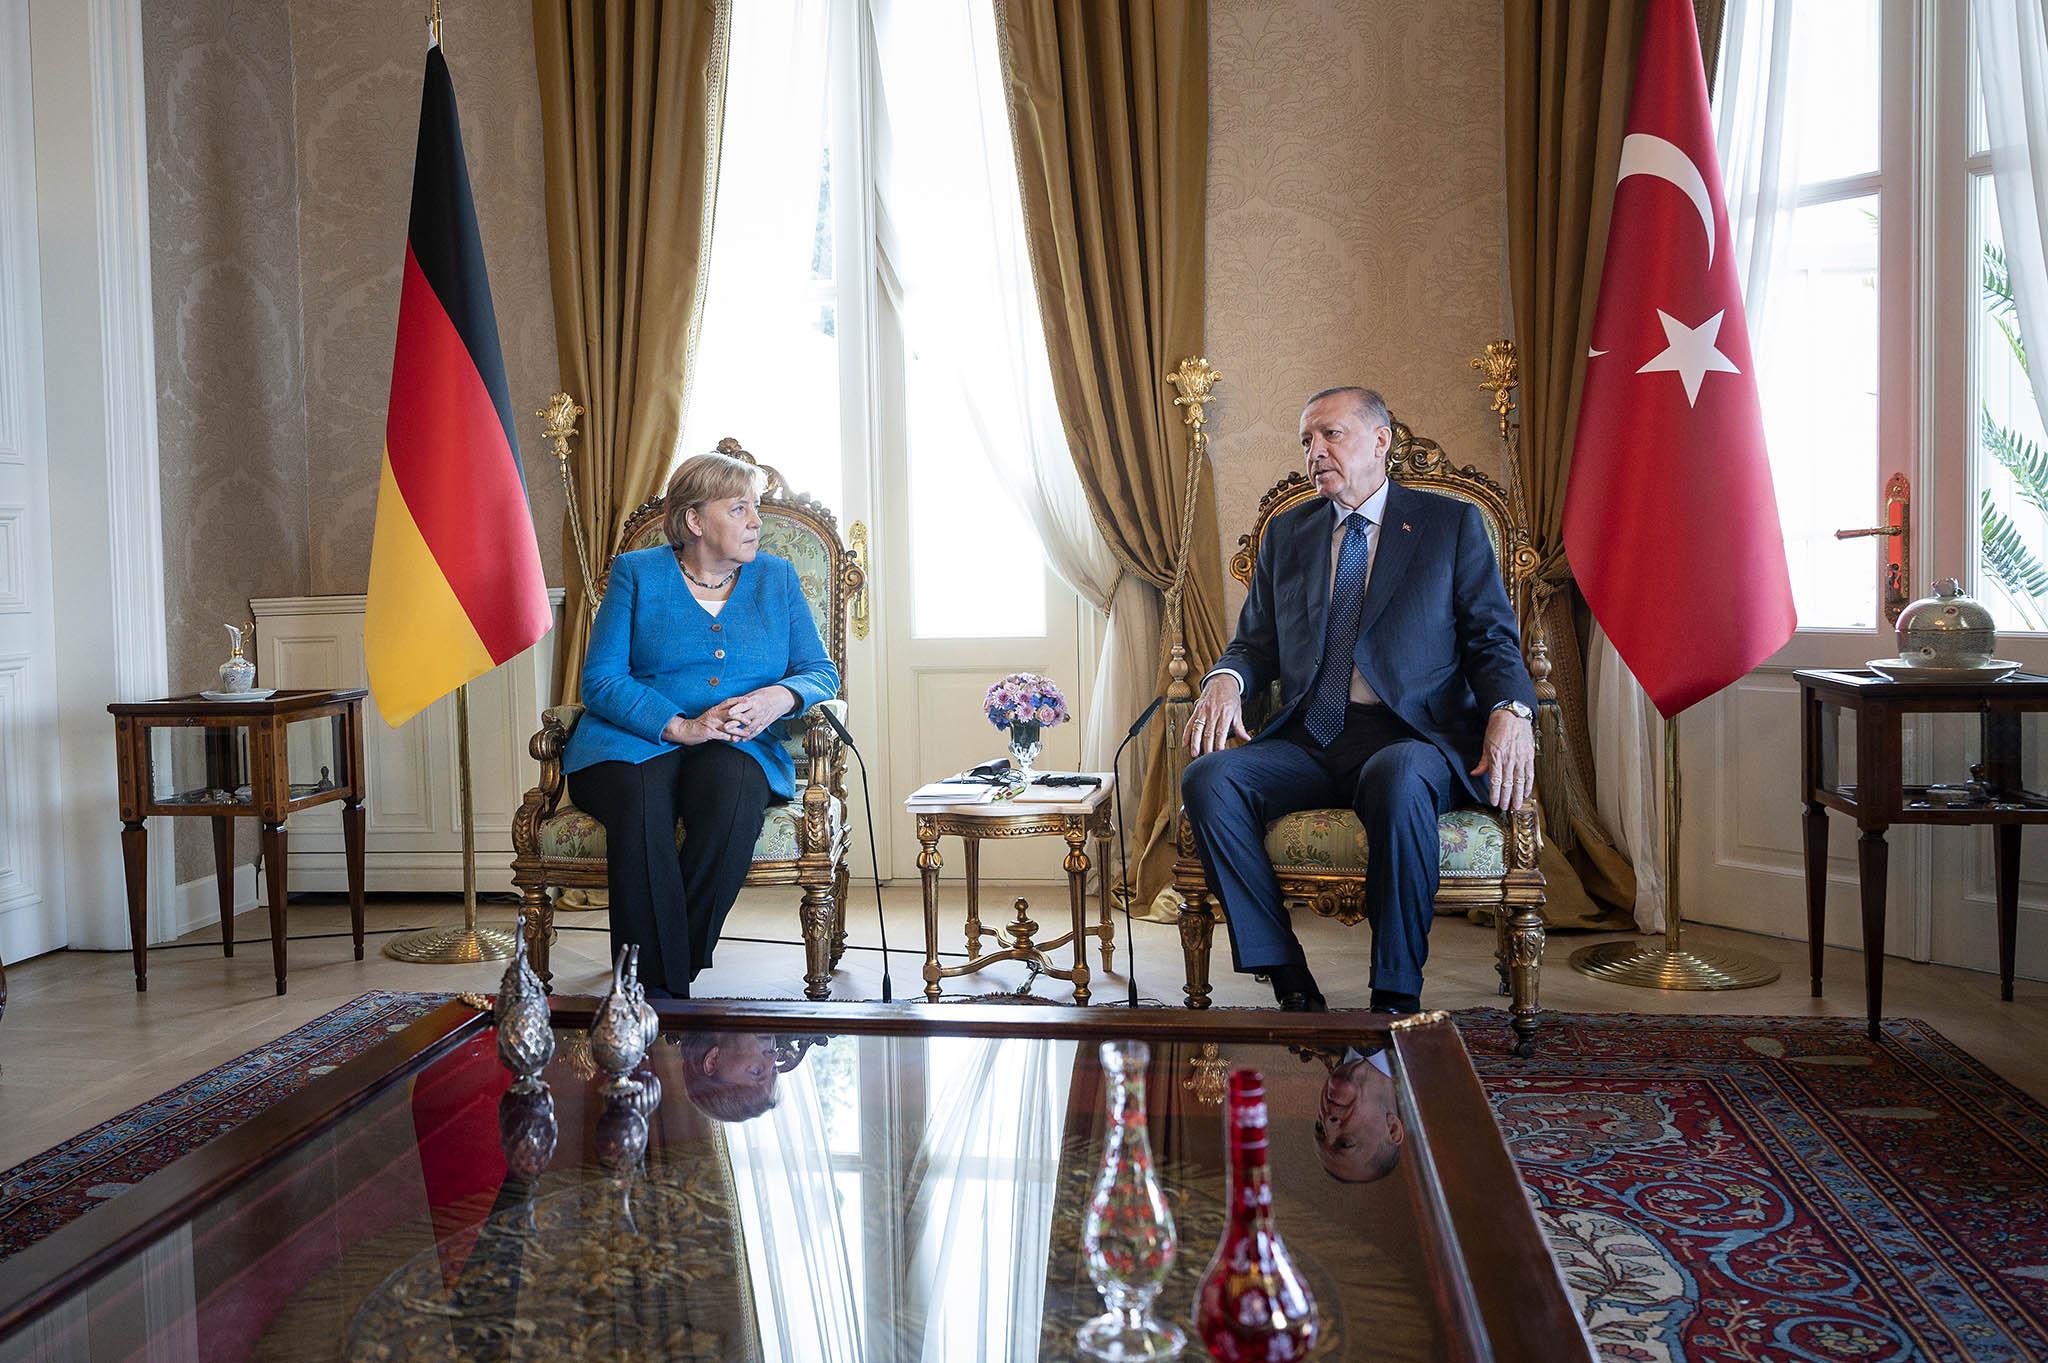 Gespräche über Klimaschutz und deutsch-türkische Beziehungen